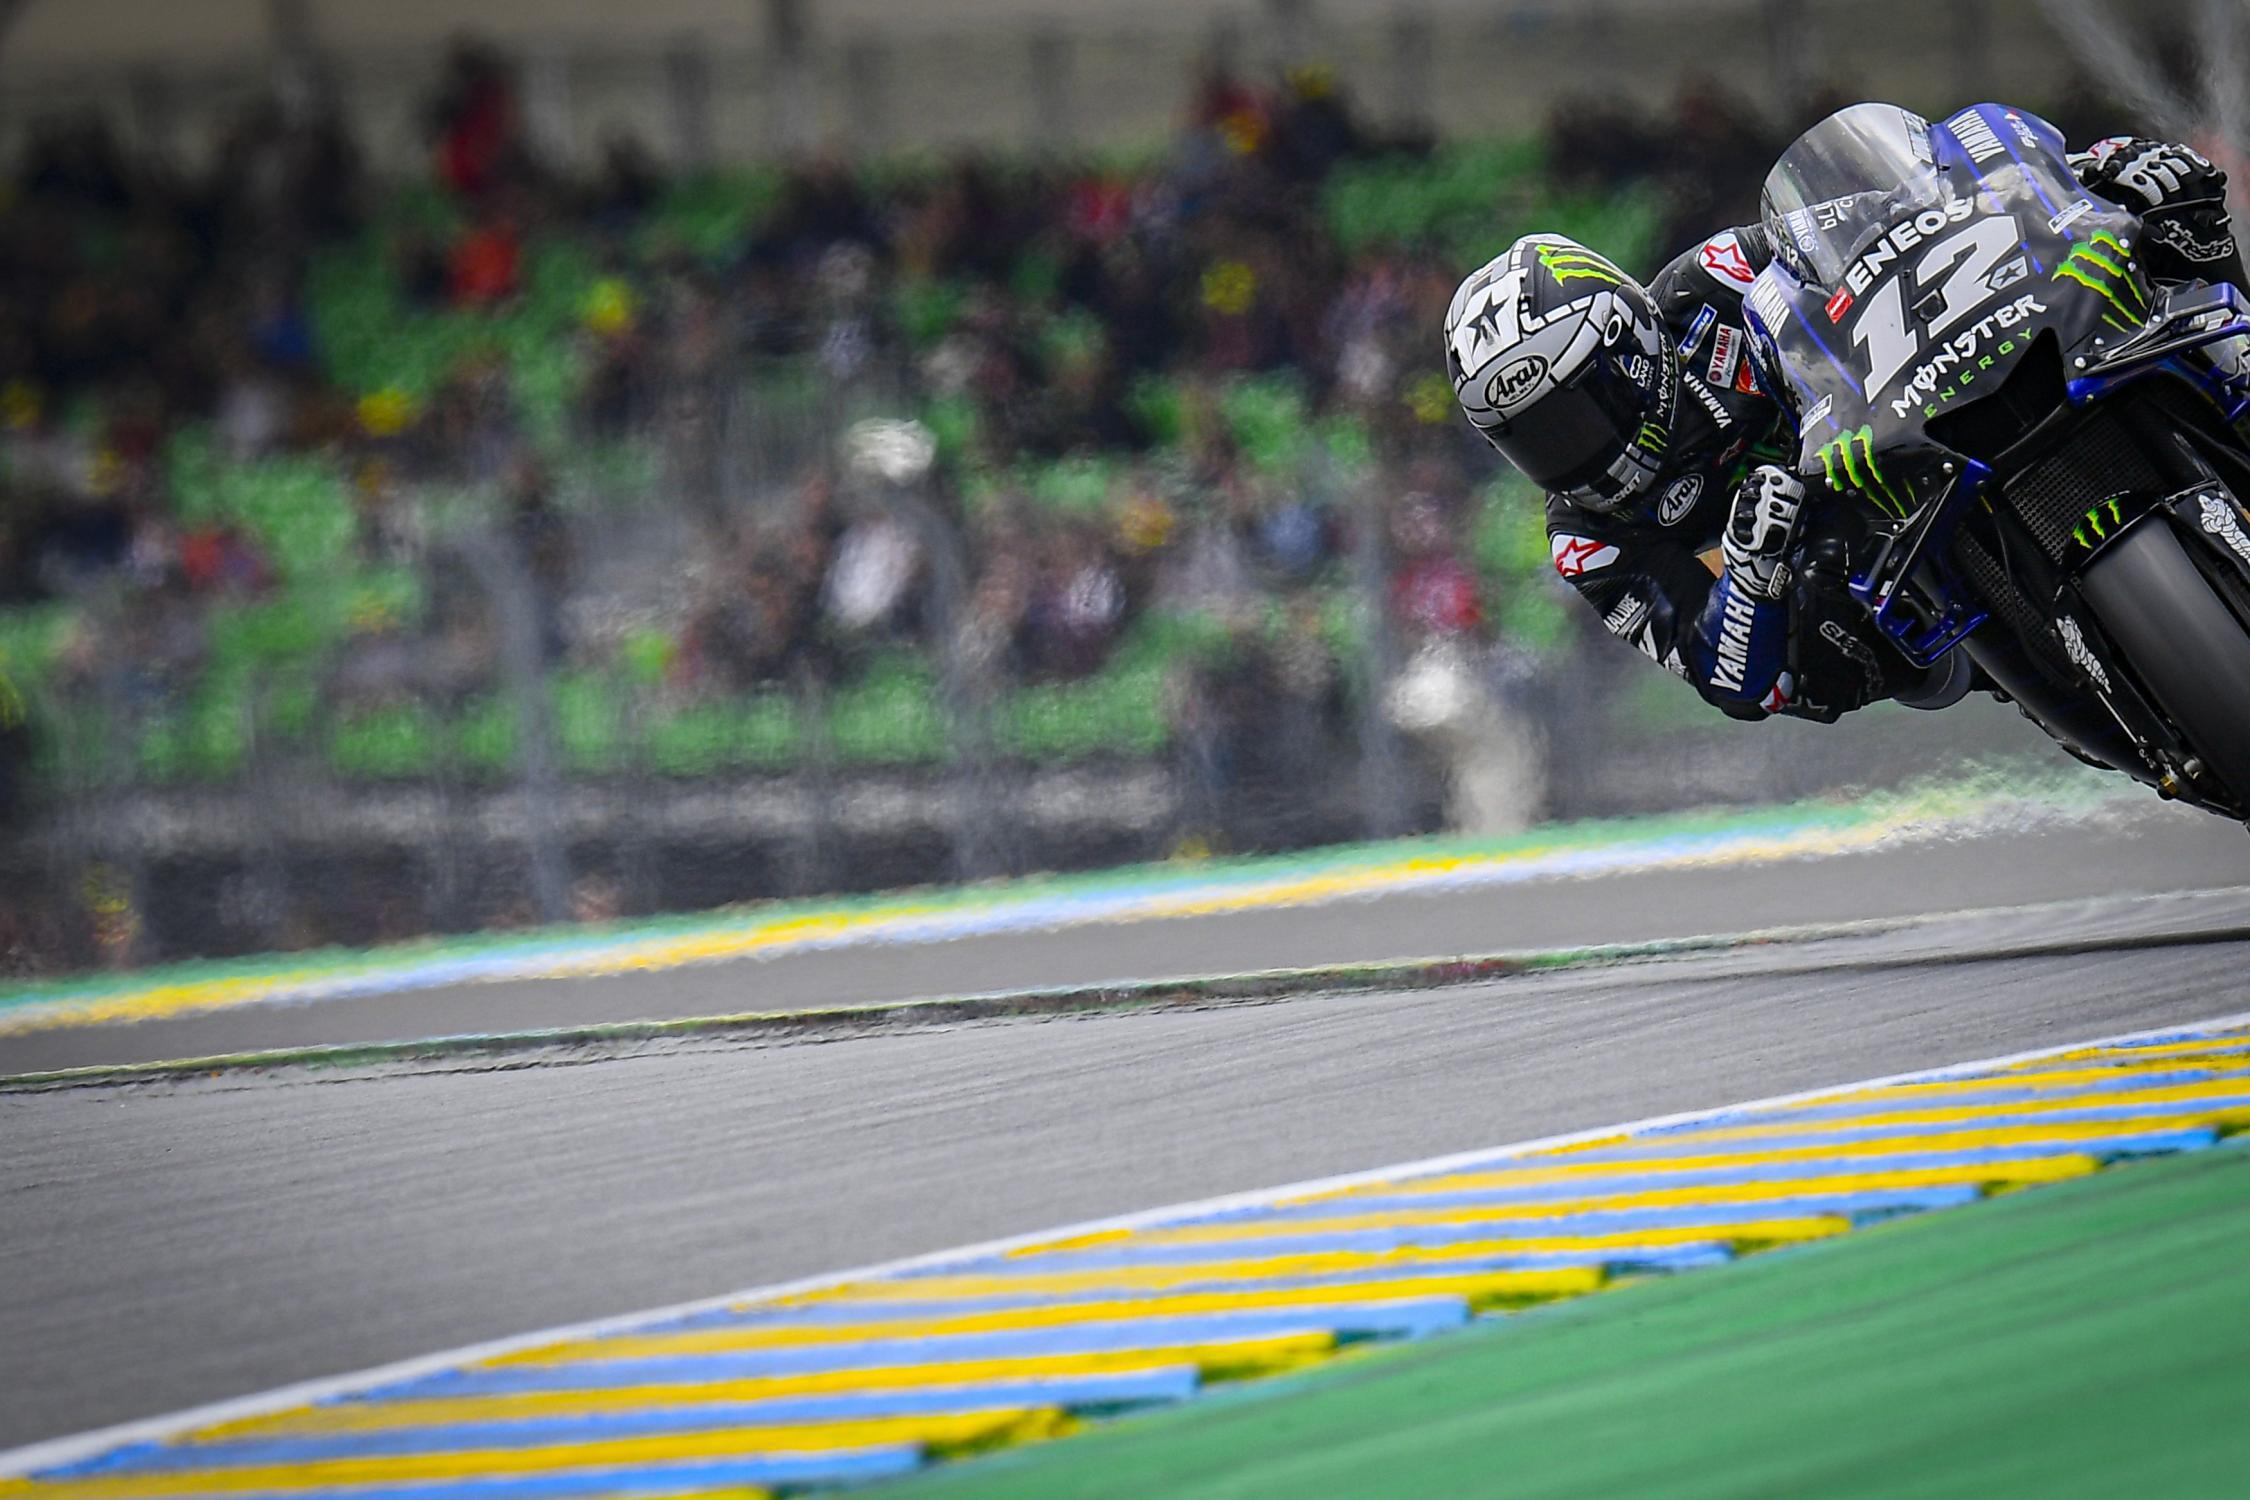 MOTO GP -GRAND PRIX DE FRANCE DU 17 AU 19 MAI 2019 Vinales-Le-mans19